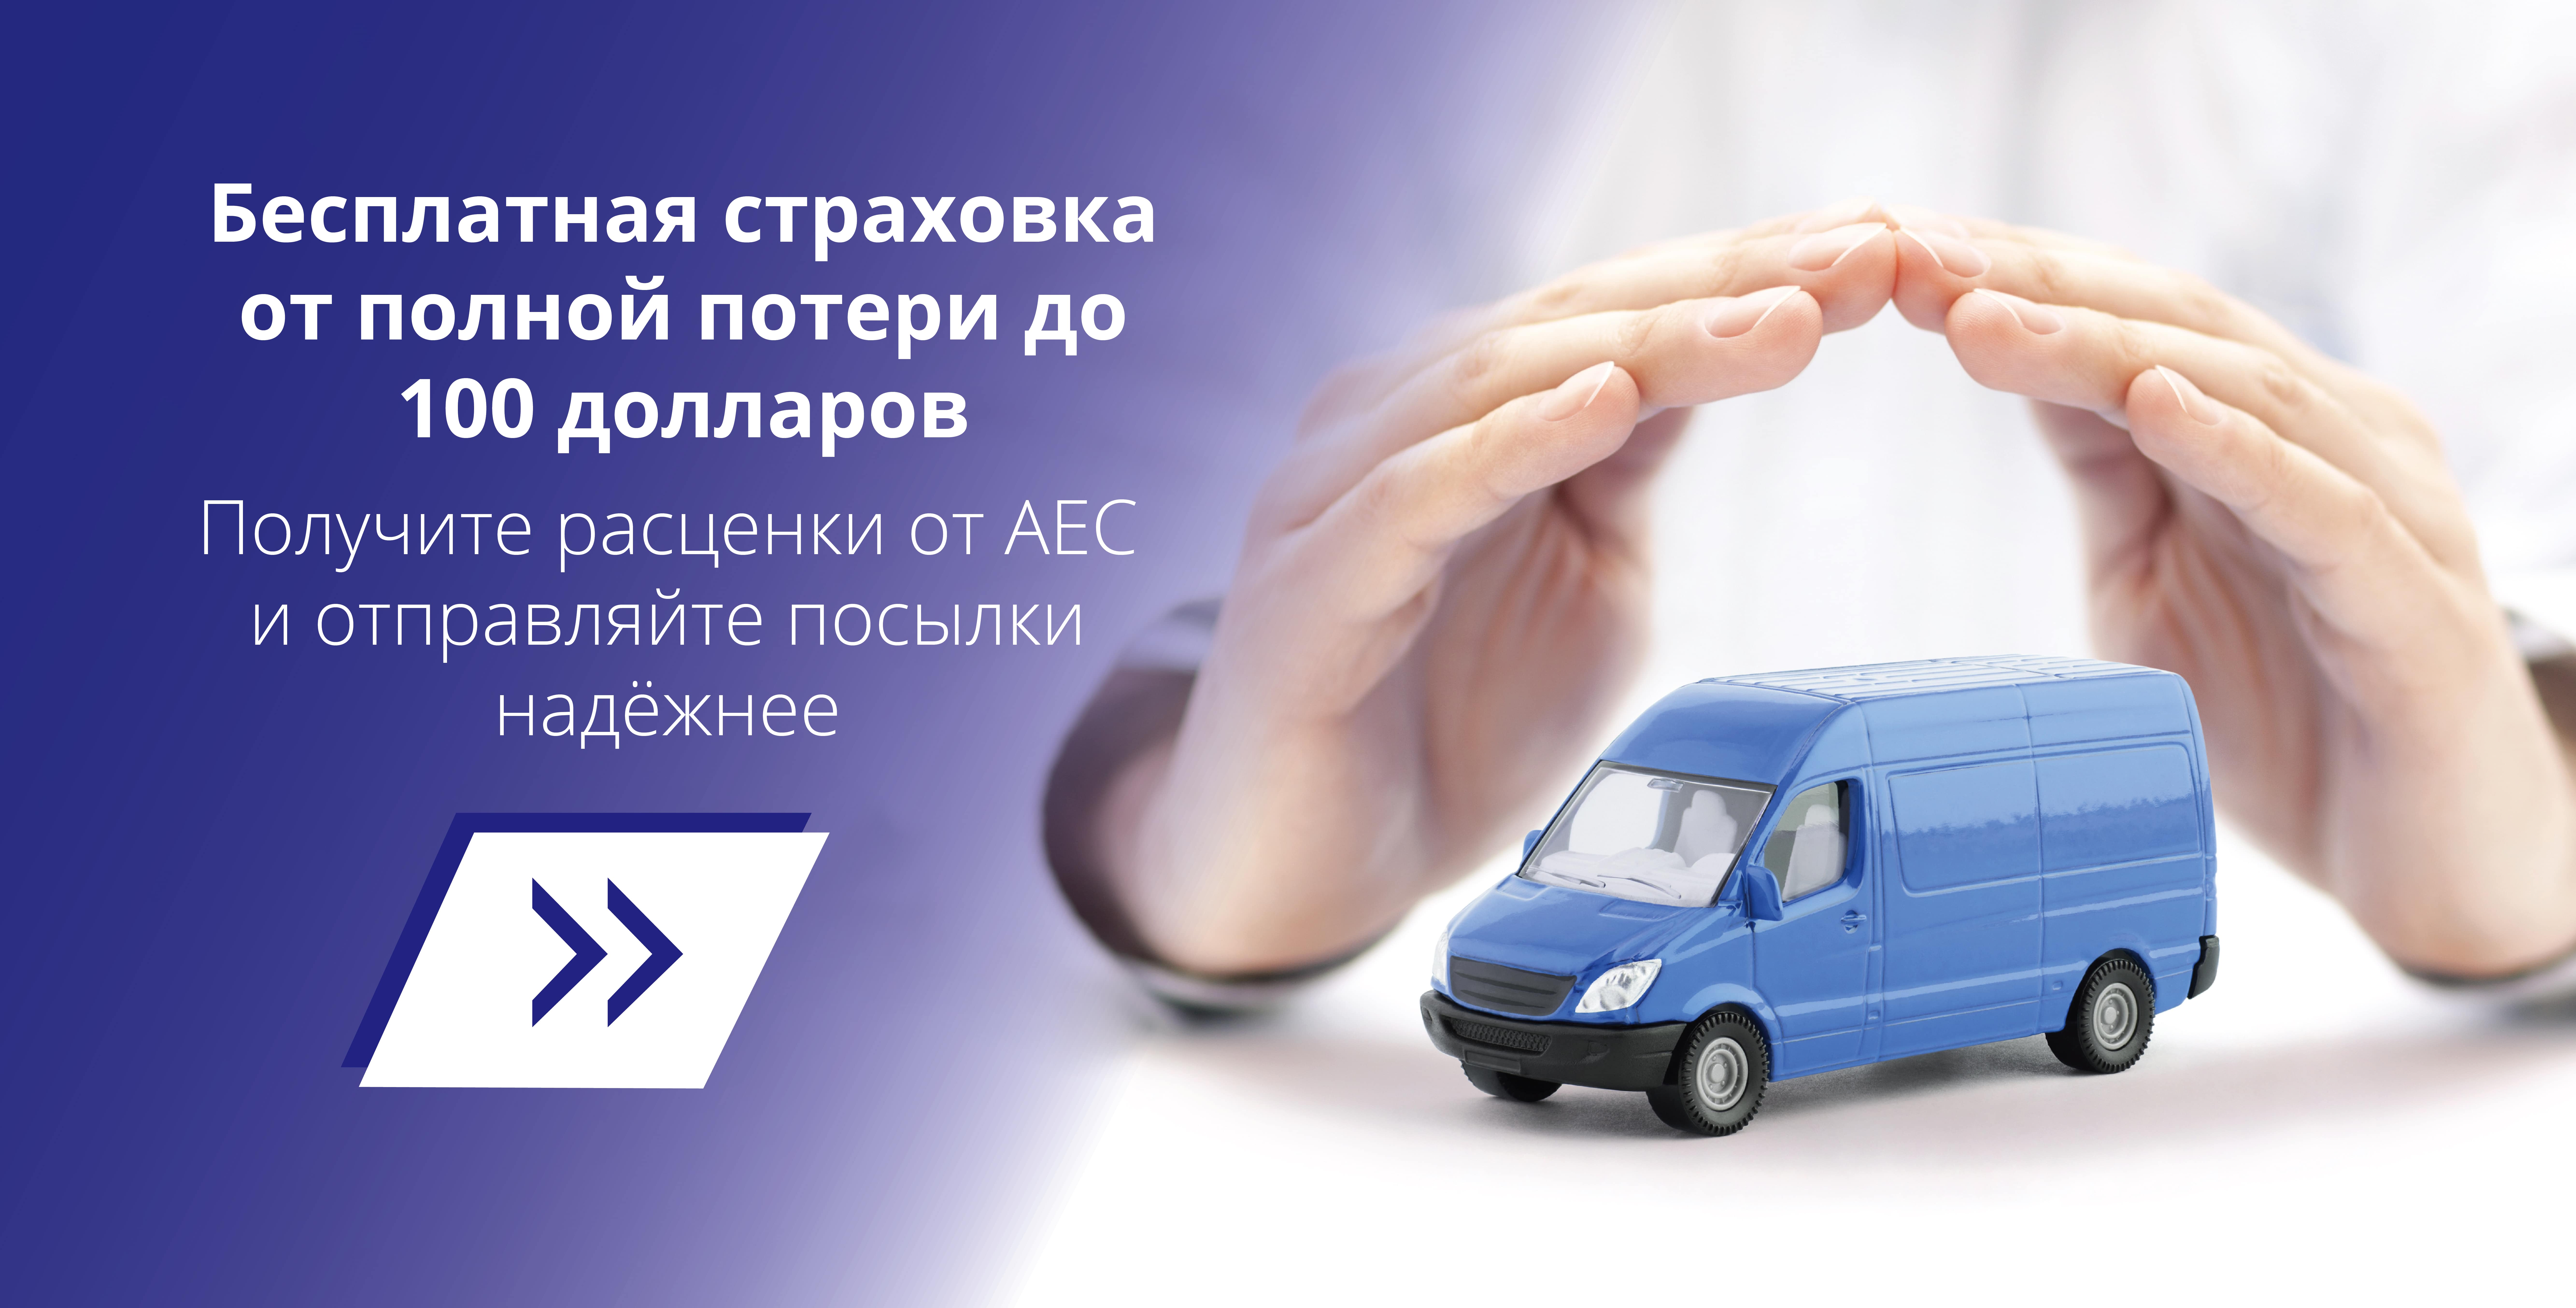 Страхование международных посылок